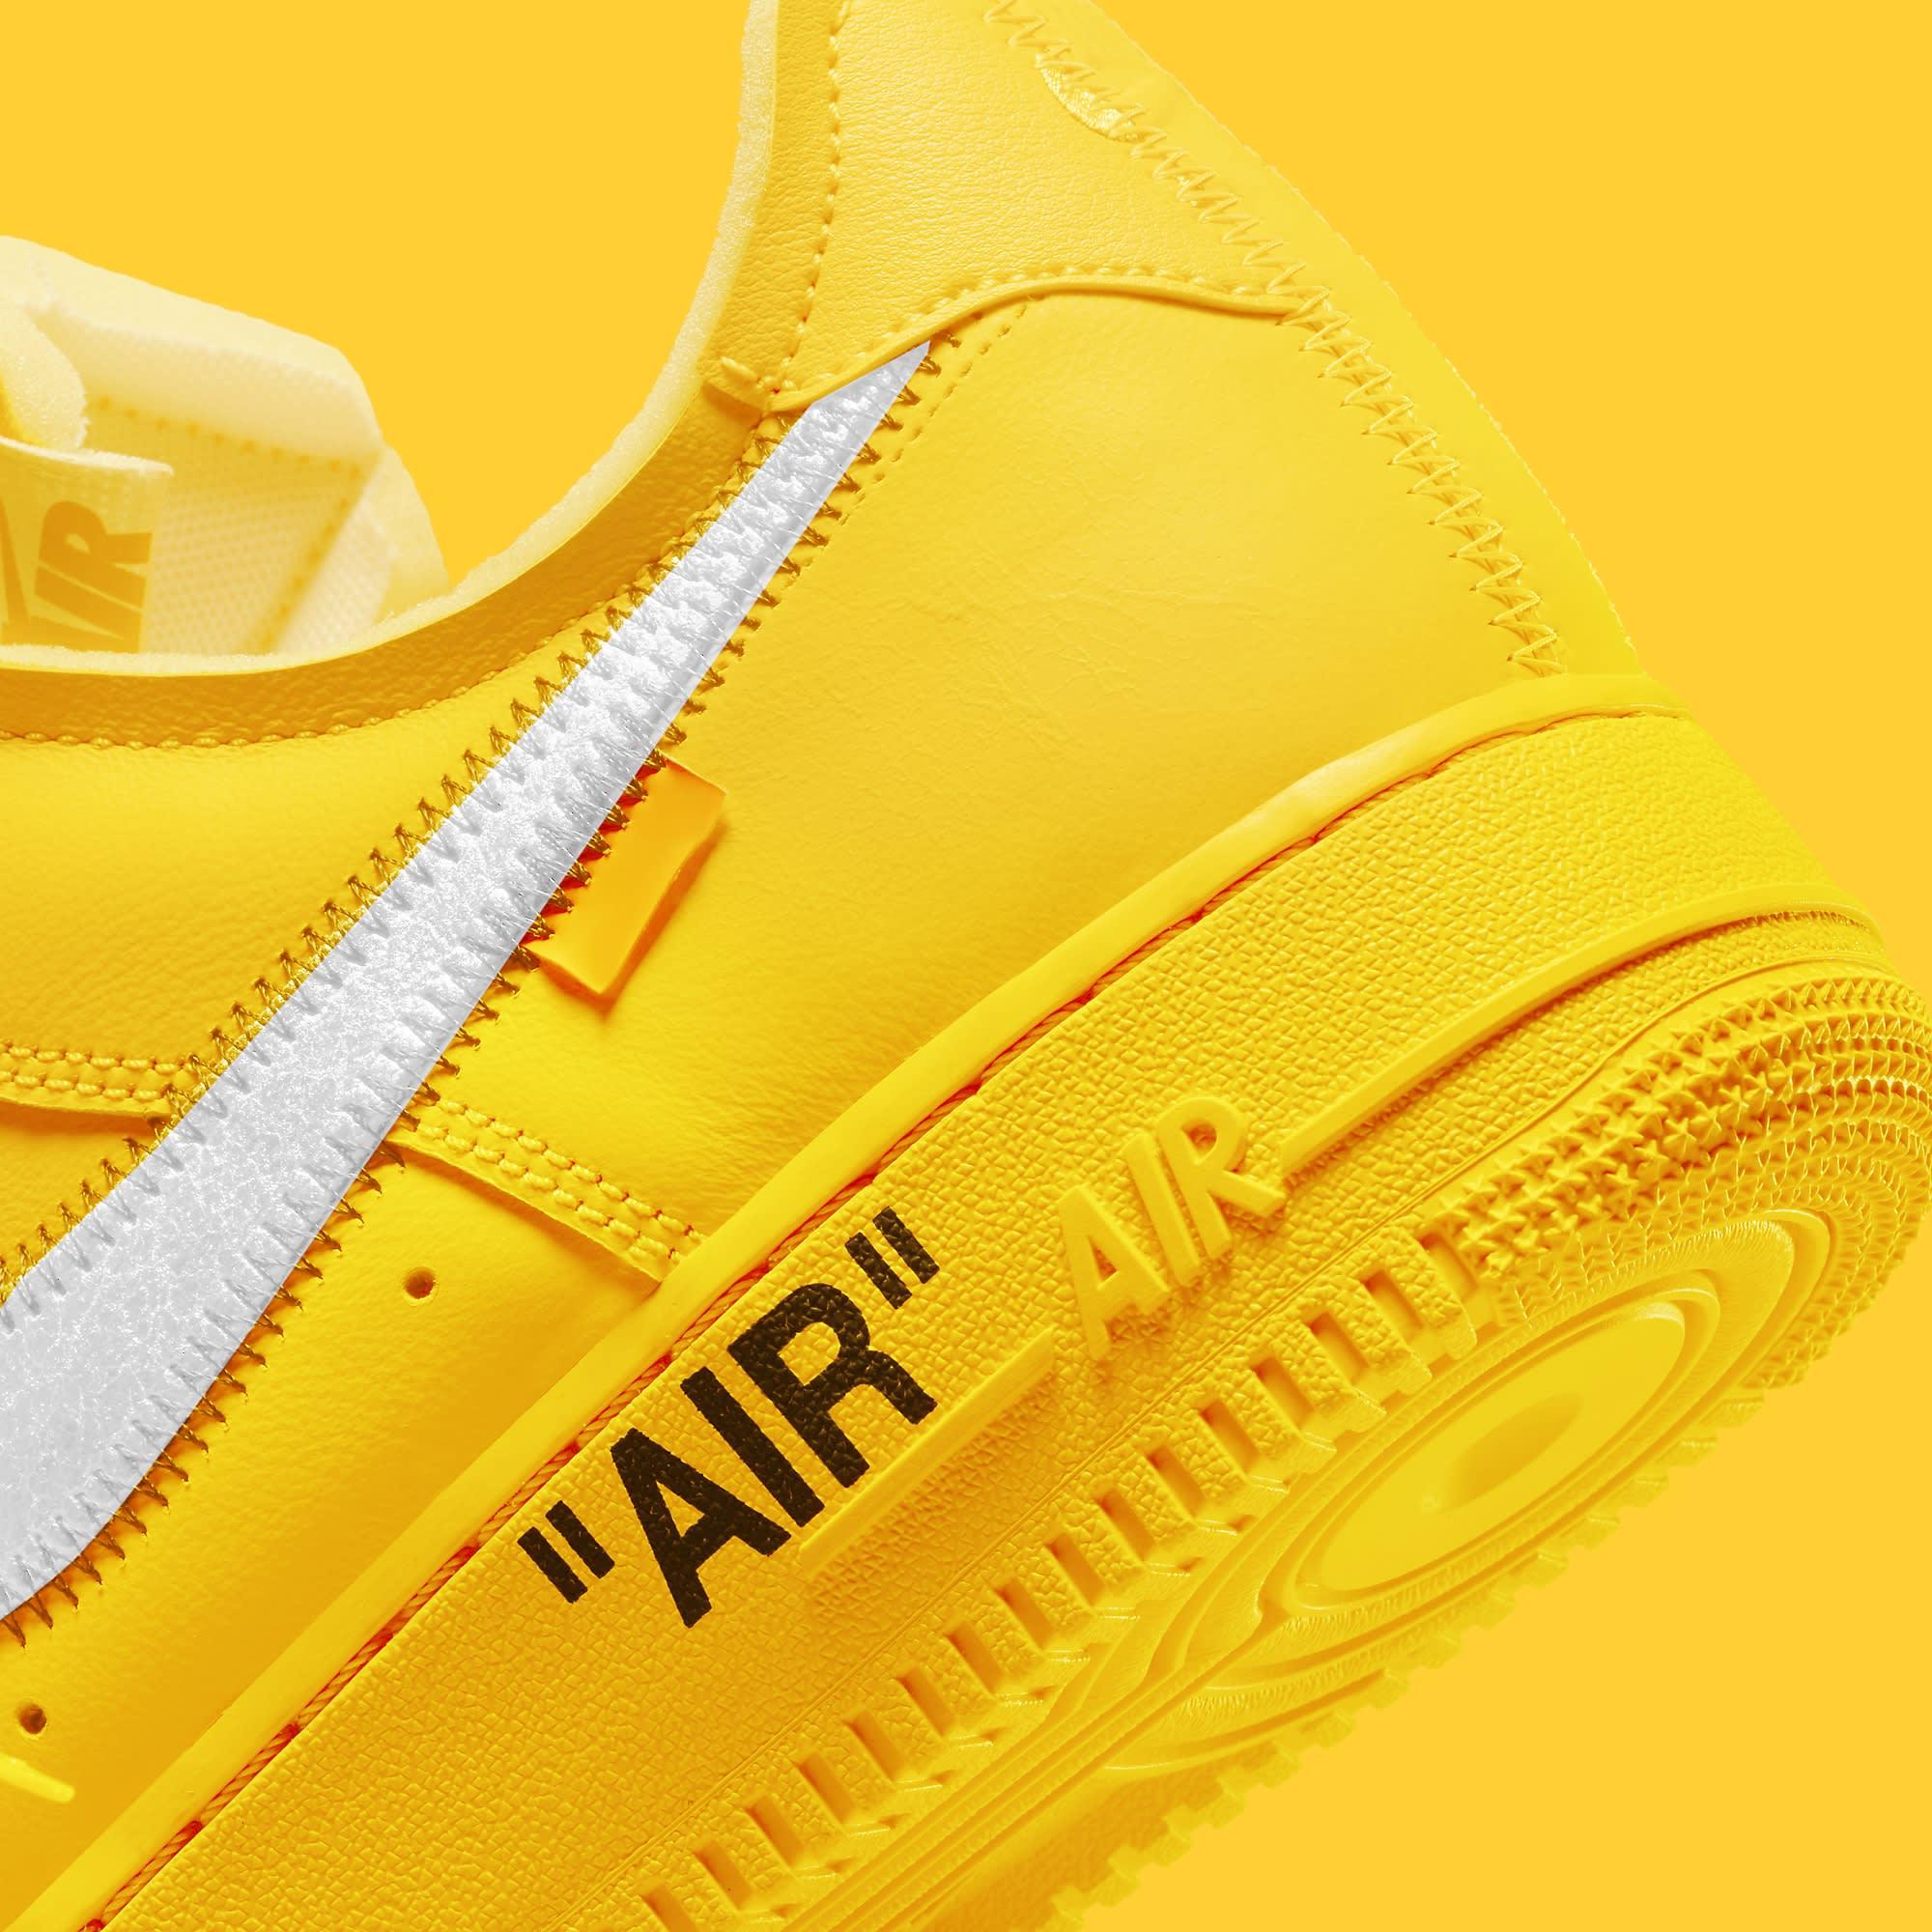 Off-White x Nike Air Force 1 Low 'Lemonade' DD1876-700 Heel